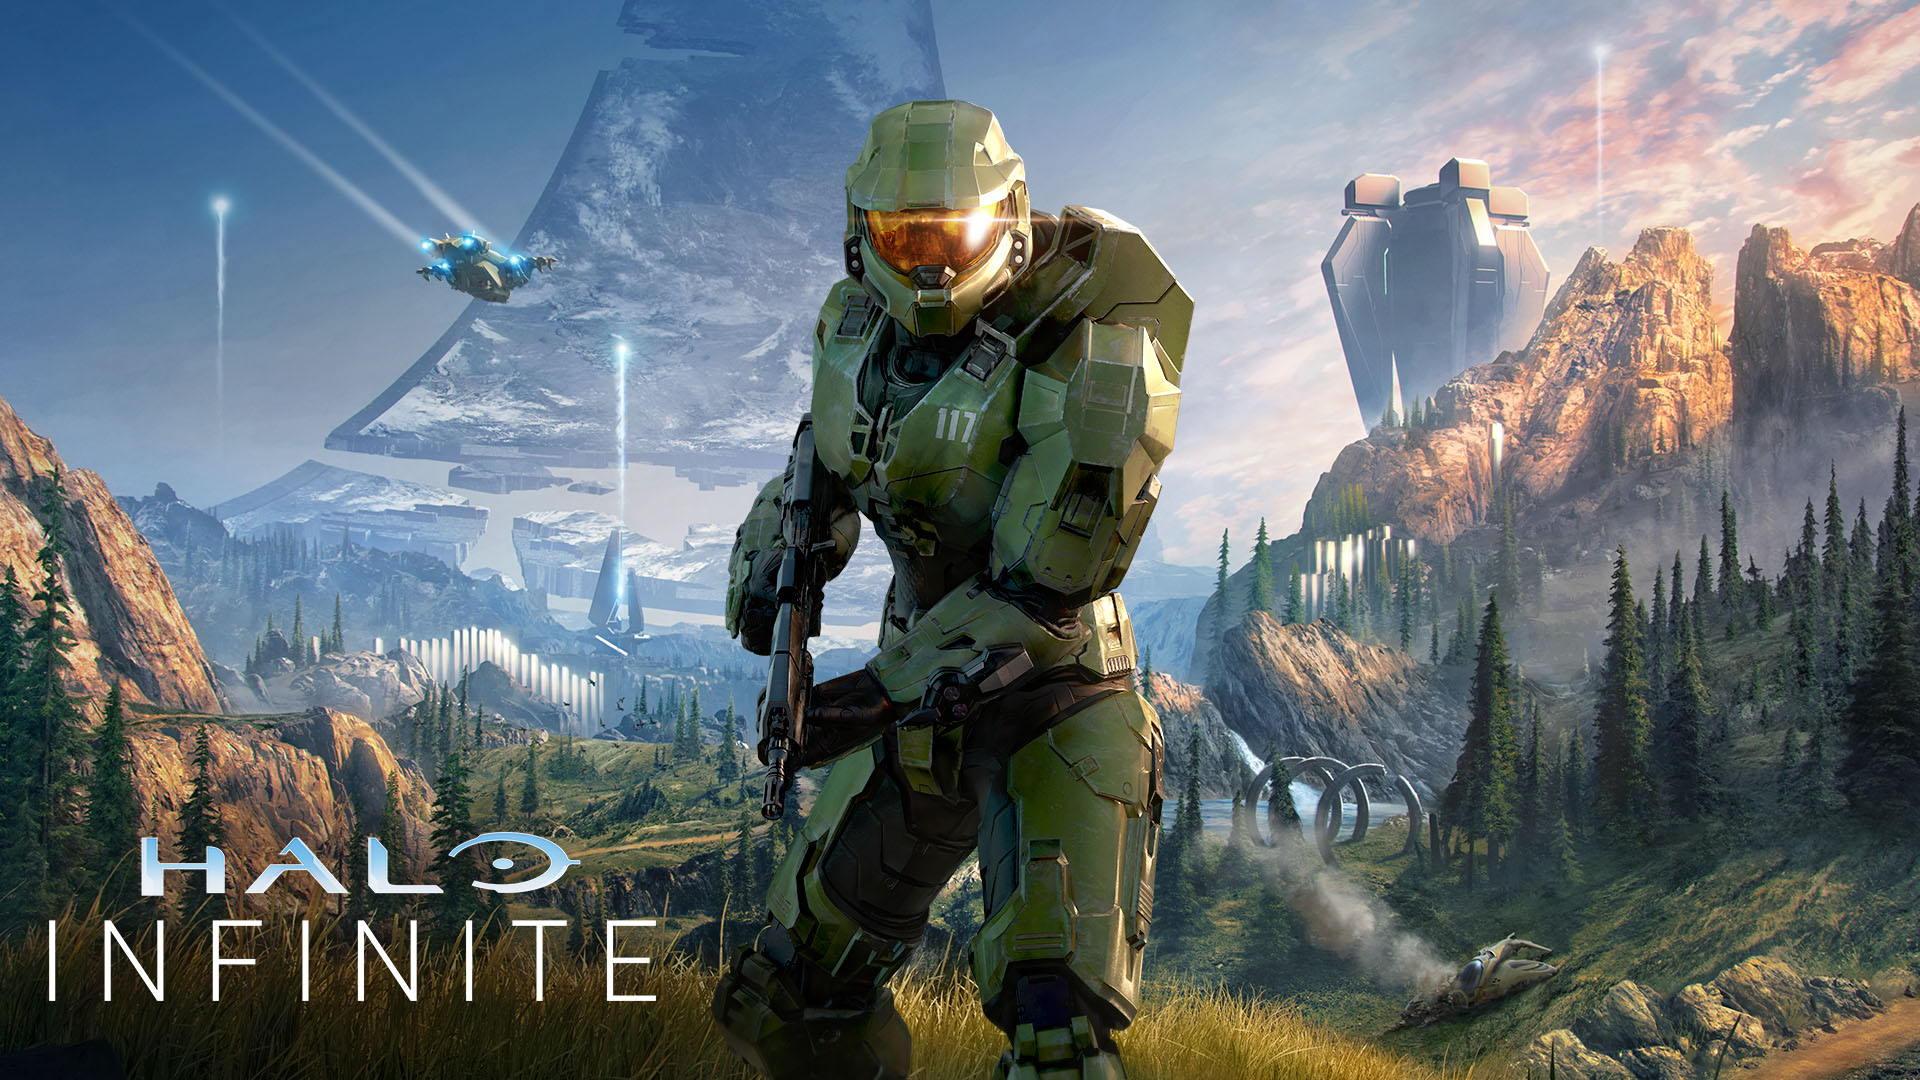 بازیگر موشن کپچر مستر چیف در Halo Infinite میگوید بازی برای عرضه در بهار ۲۰۲۱ آماده است